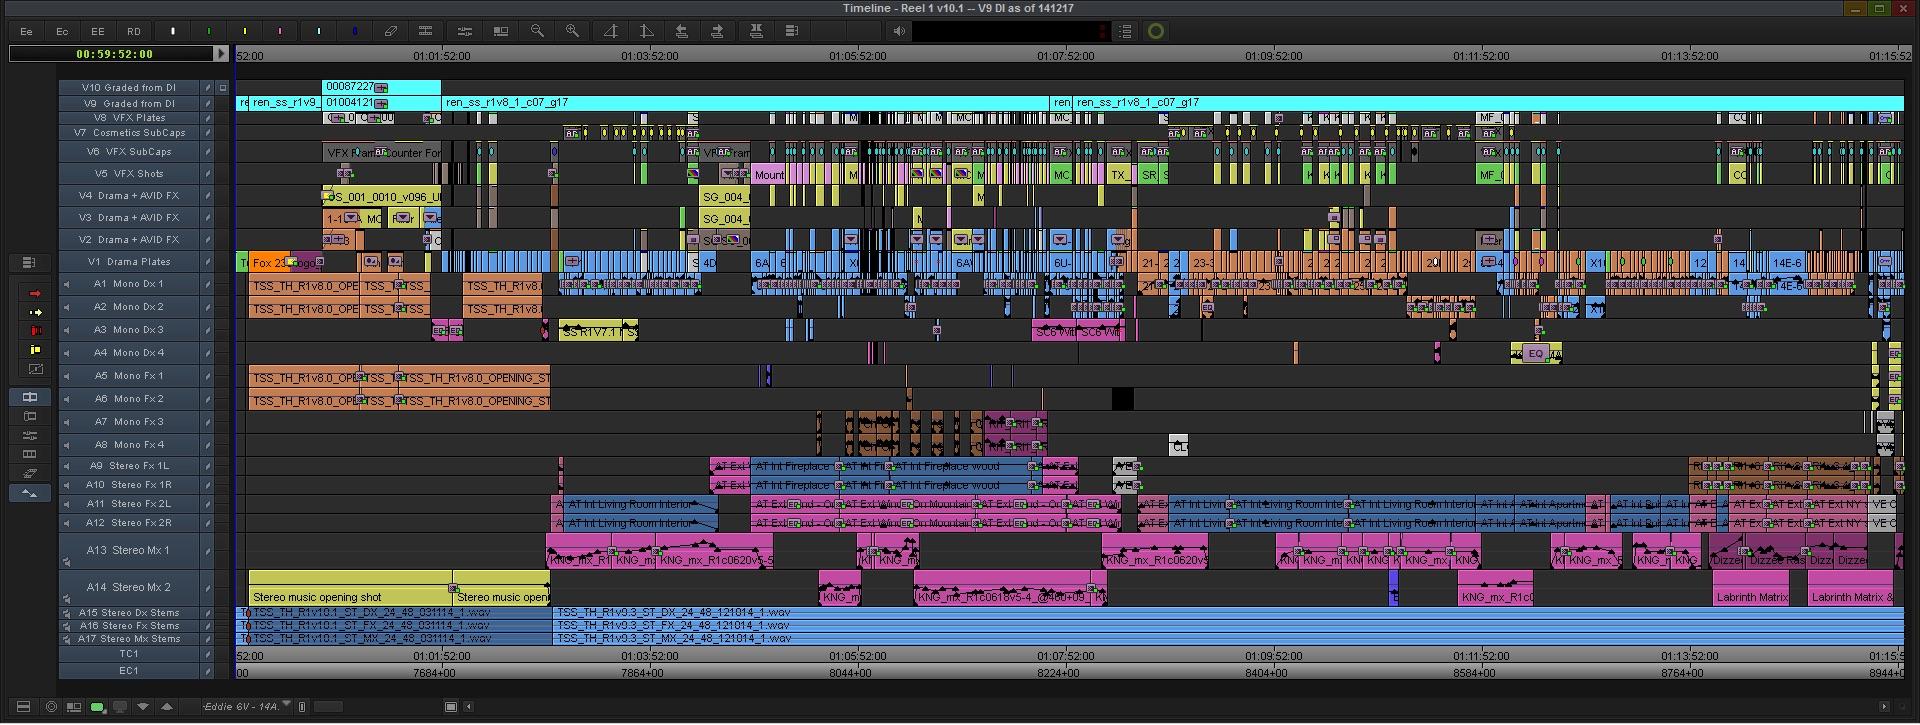 Kingsman Final Reel 1 Avid MC Timeline